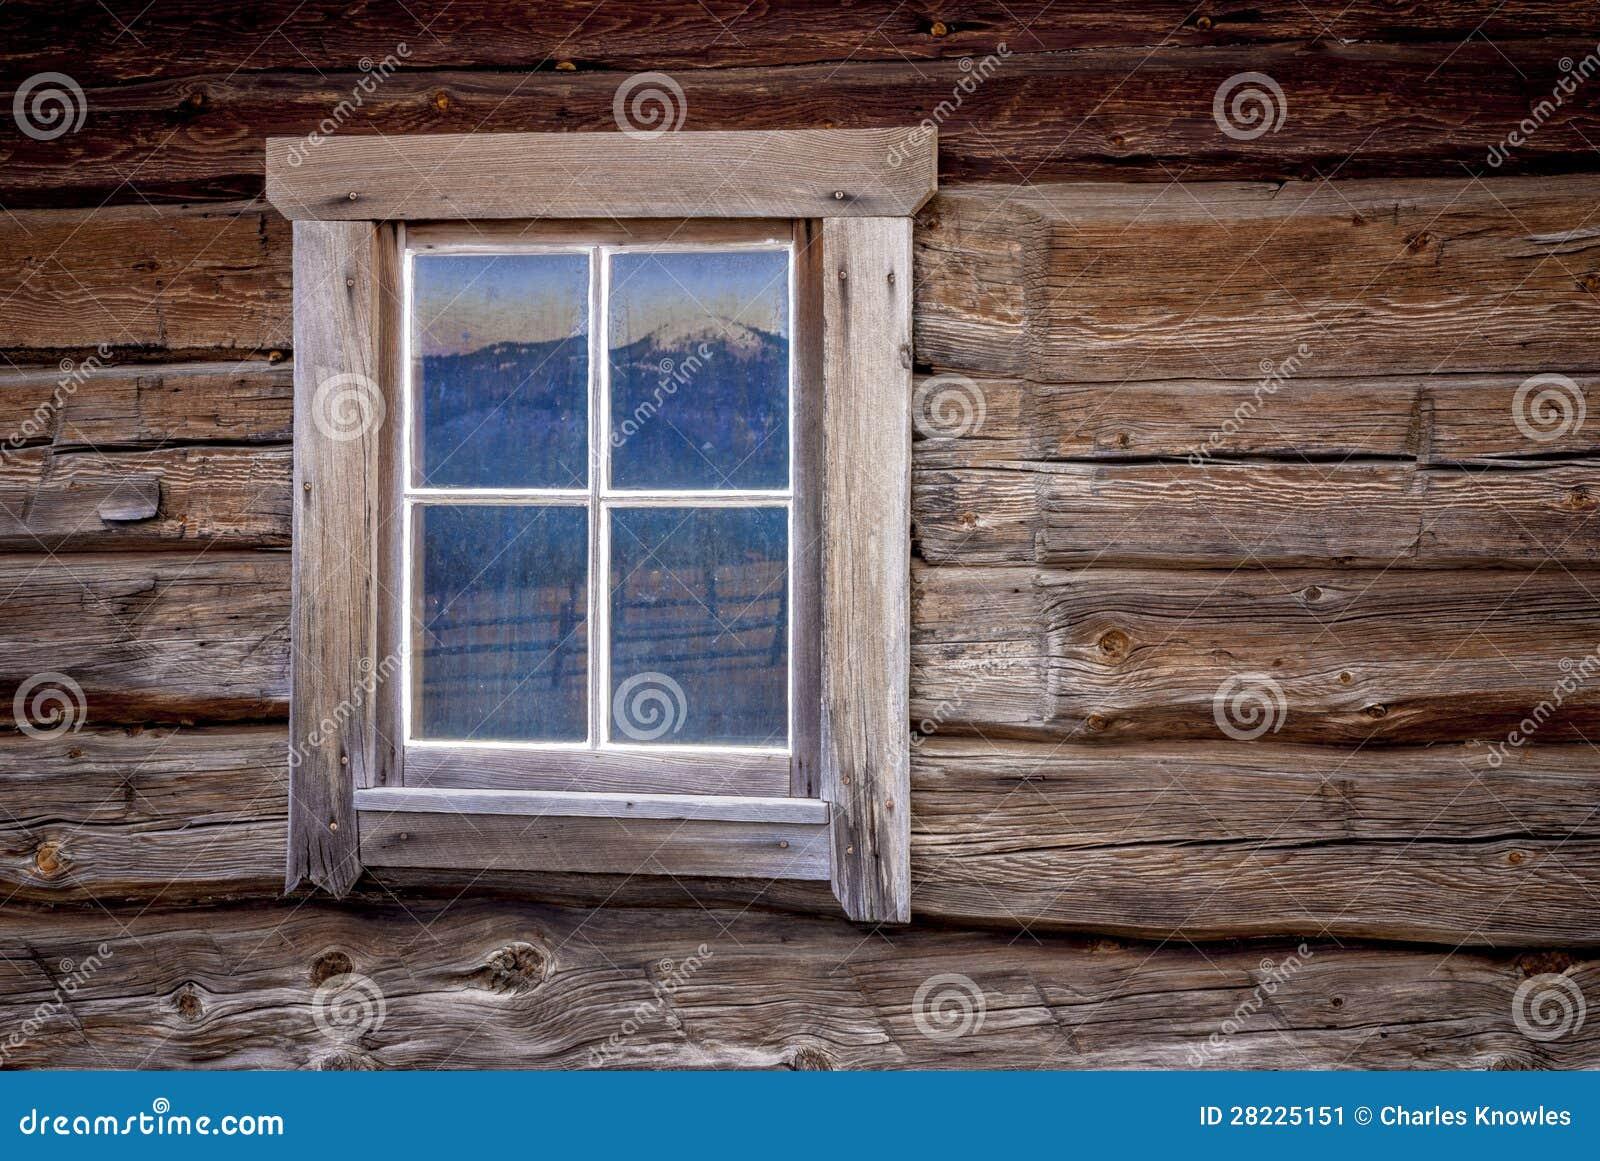 Finestra di cabina del libro macchina con la riflessione for Piani economici della cabina di ceppo